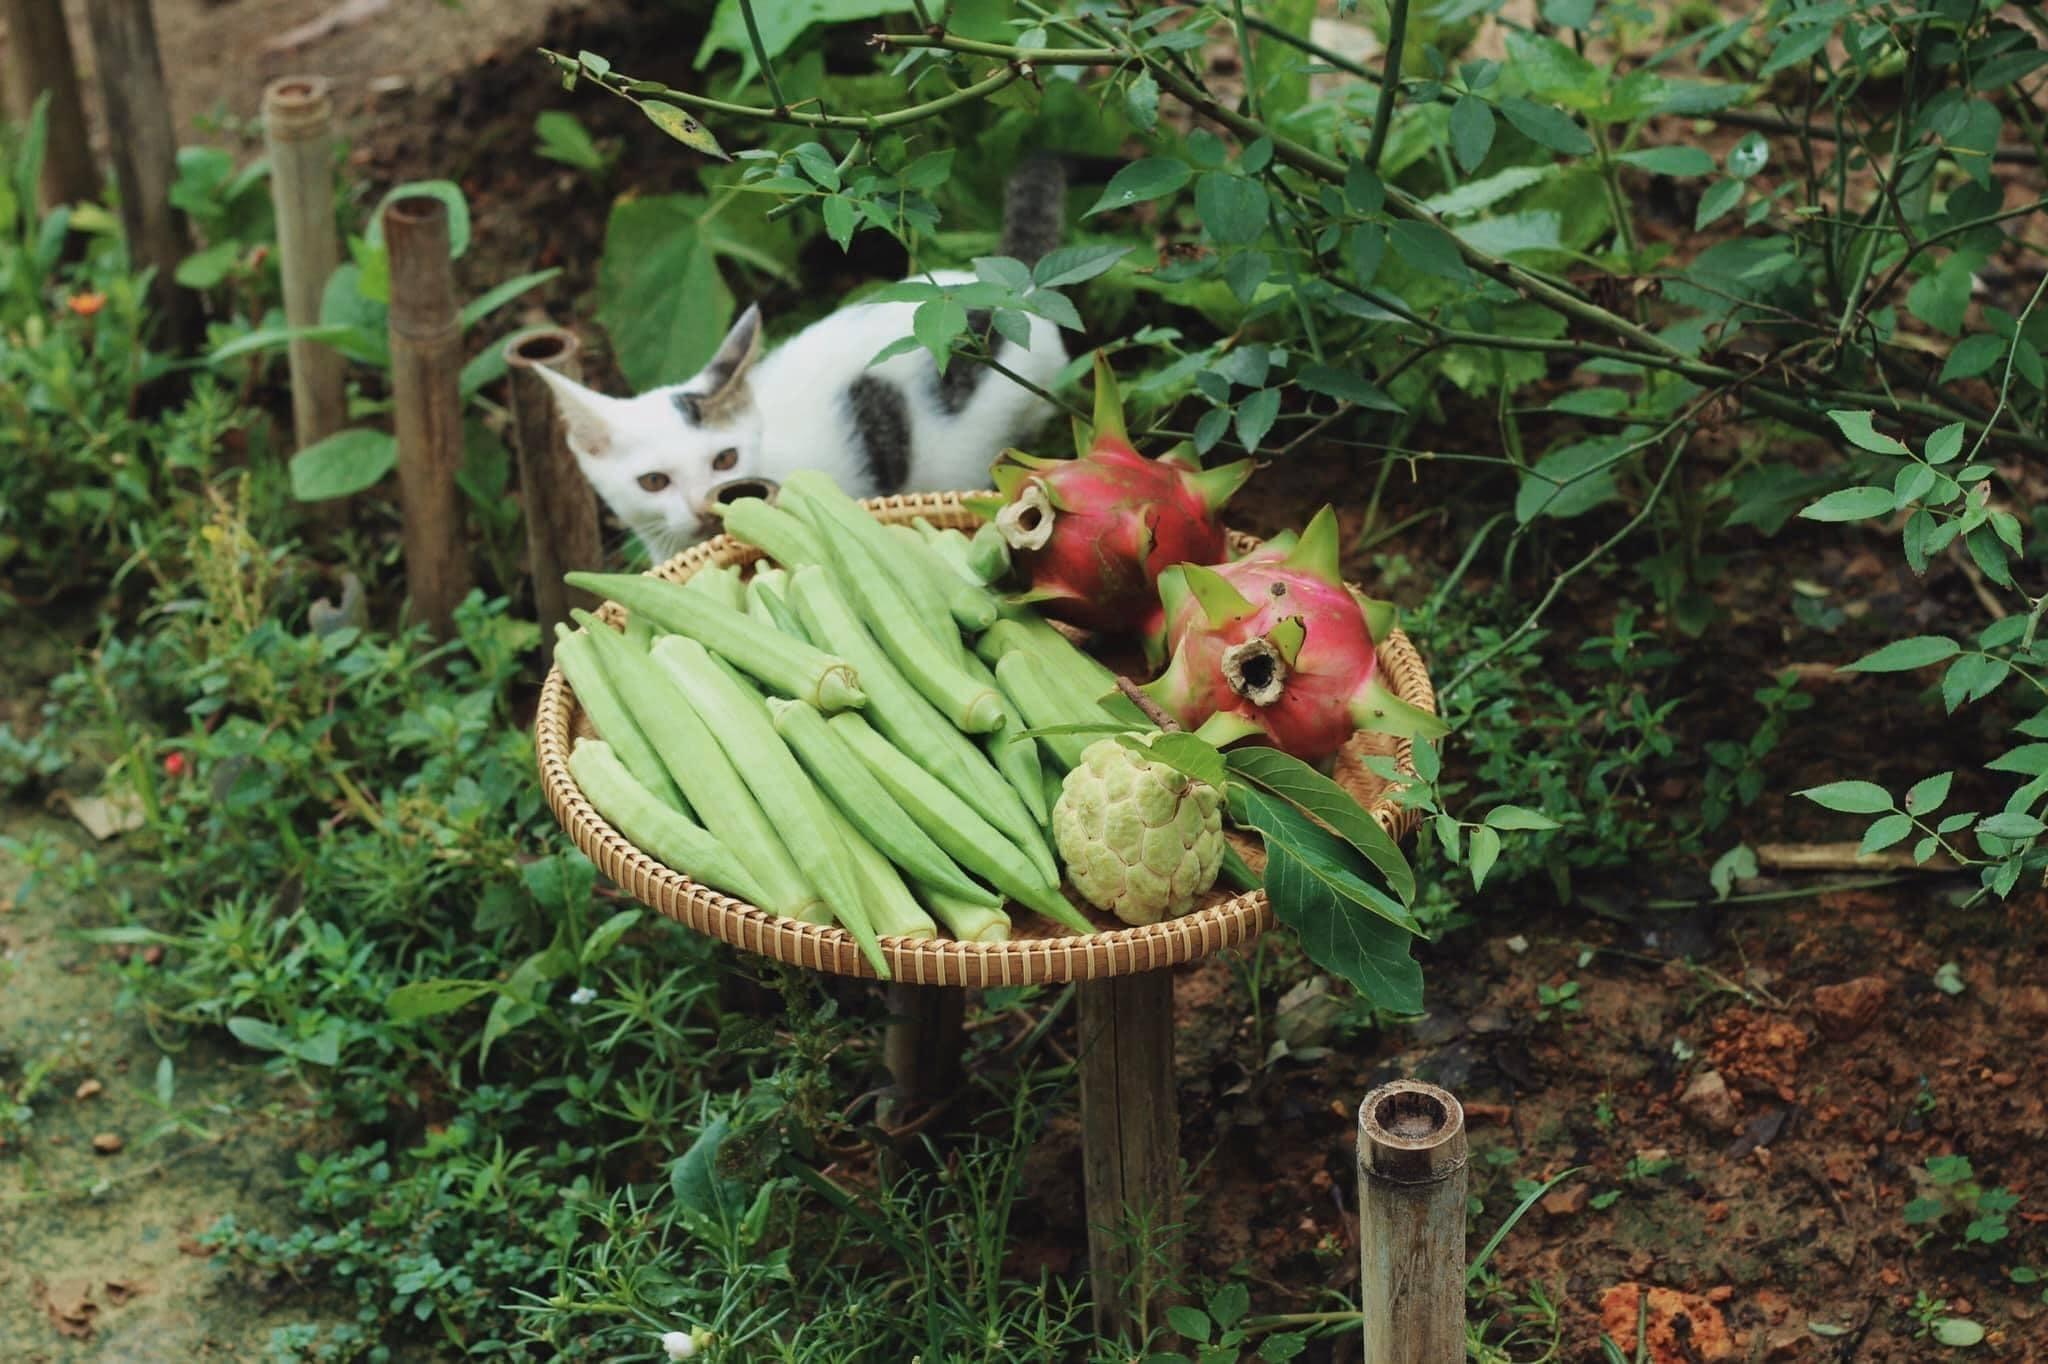 Khu vườn của mẹ bỉm sữa khiến bao người muốn 'bỏ phố về quê'